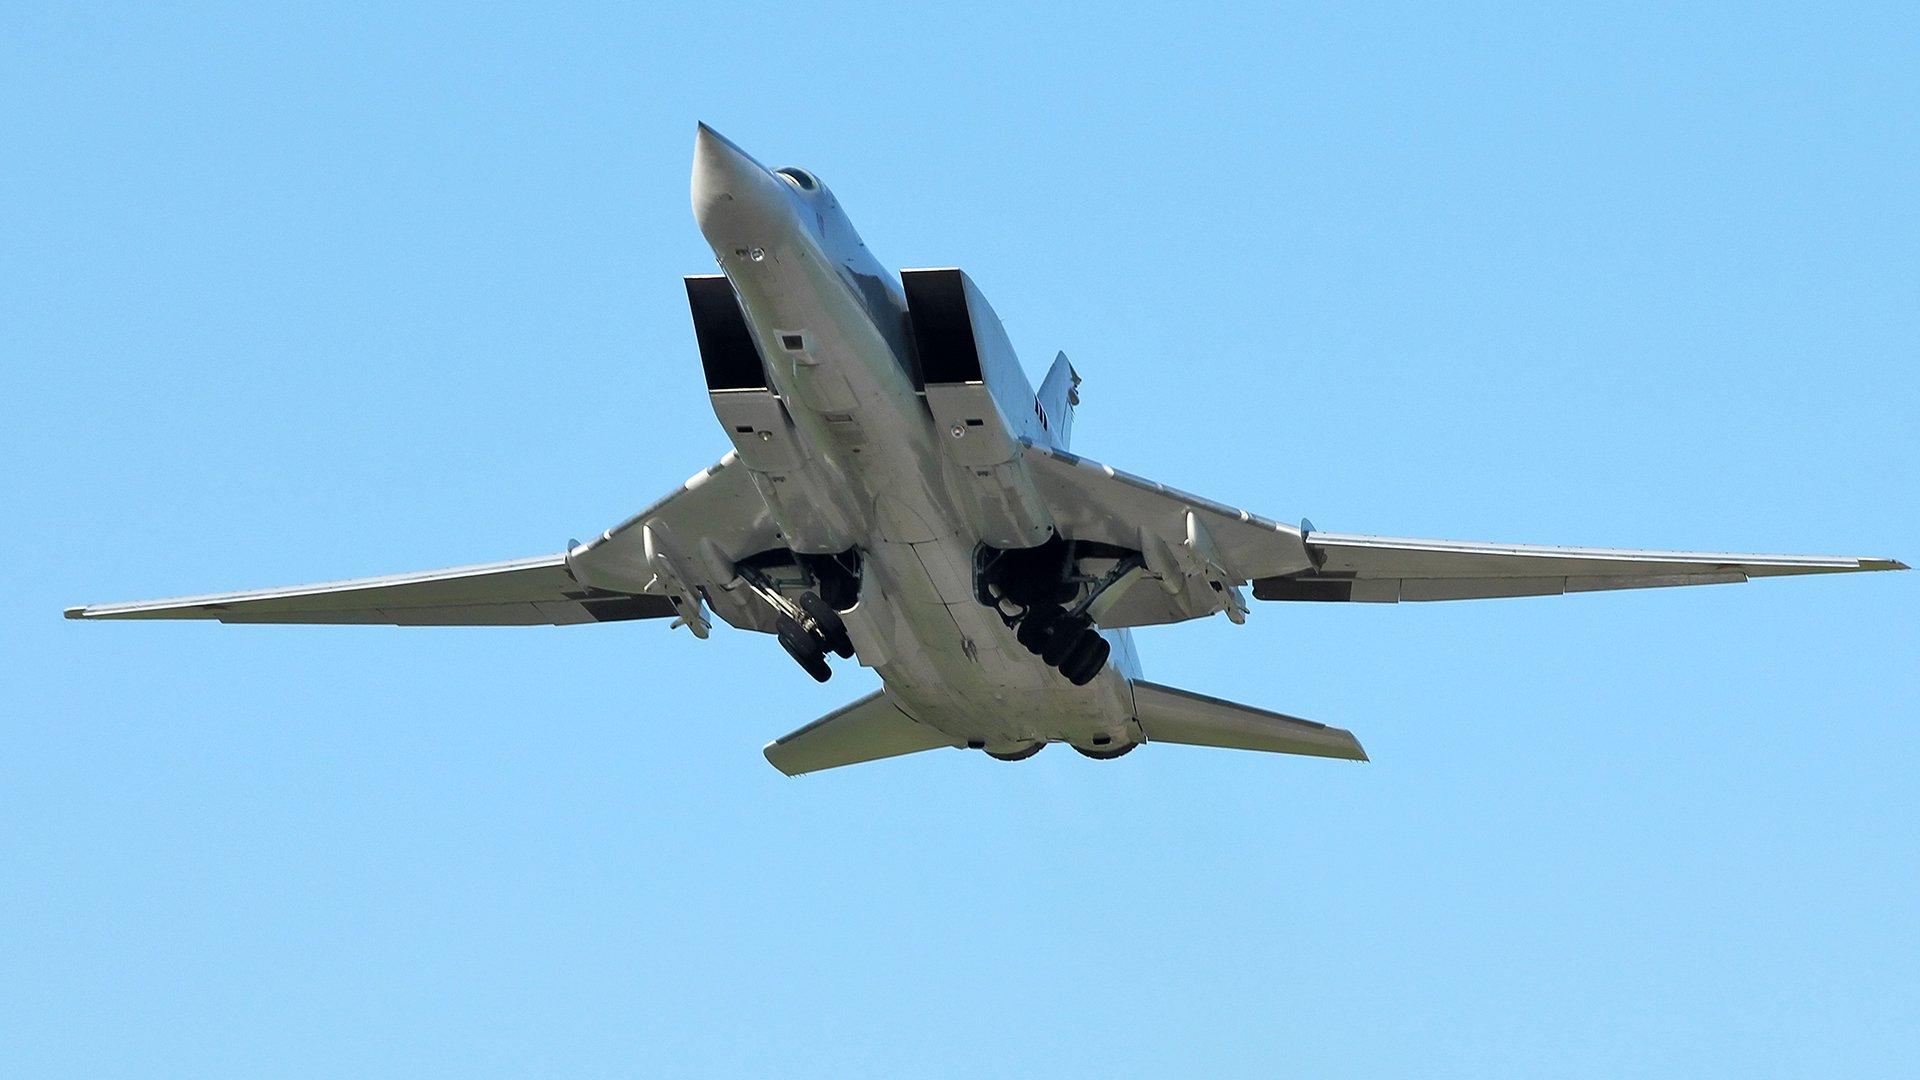 Обои Ту-22м3, сверхзвуковой, ракетоносец-бомбардировщик. Авиация foto 15